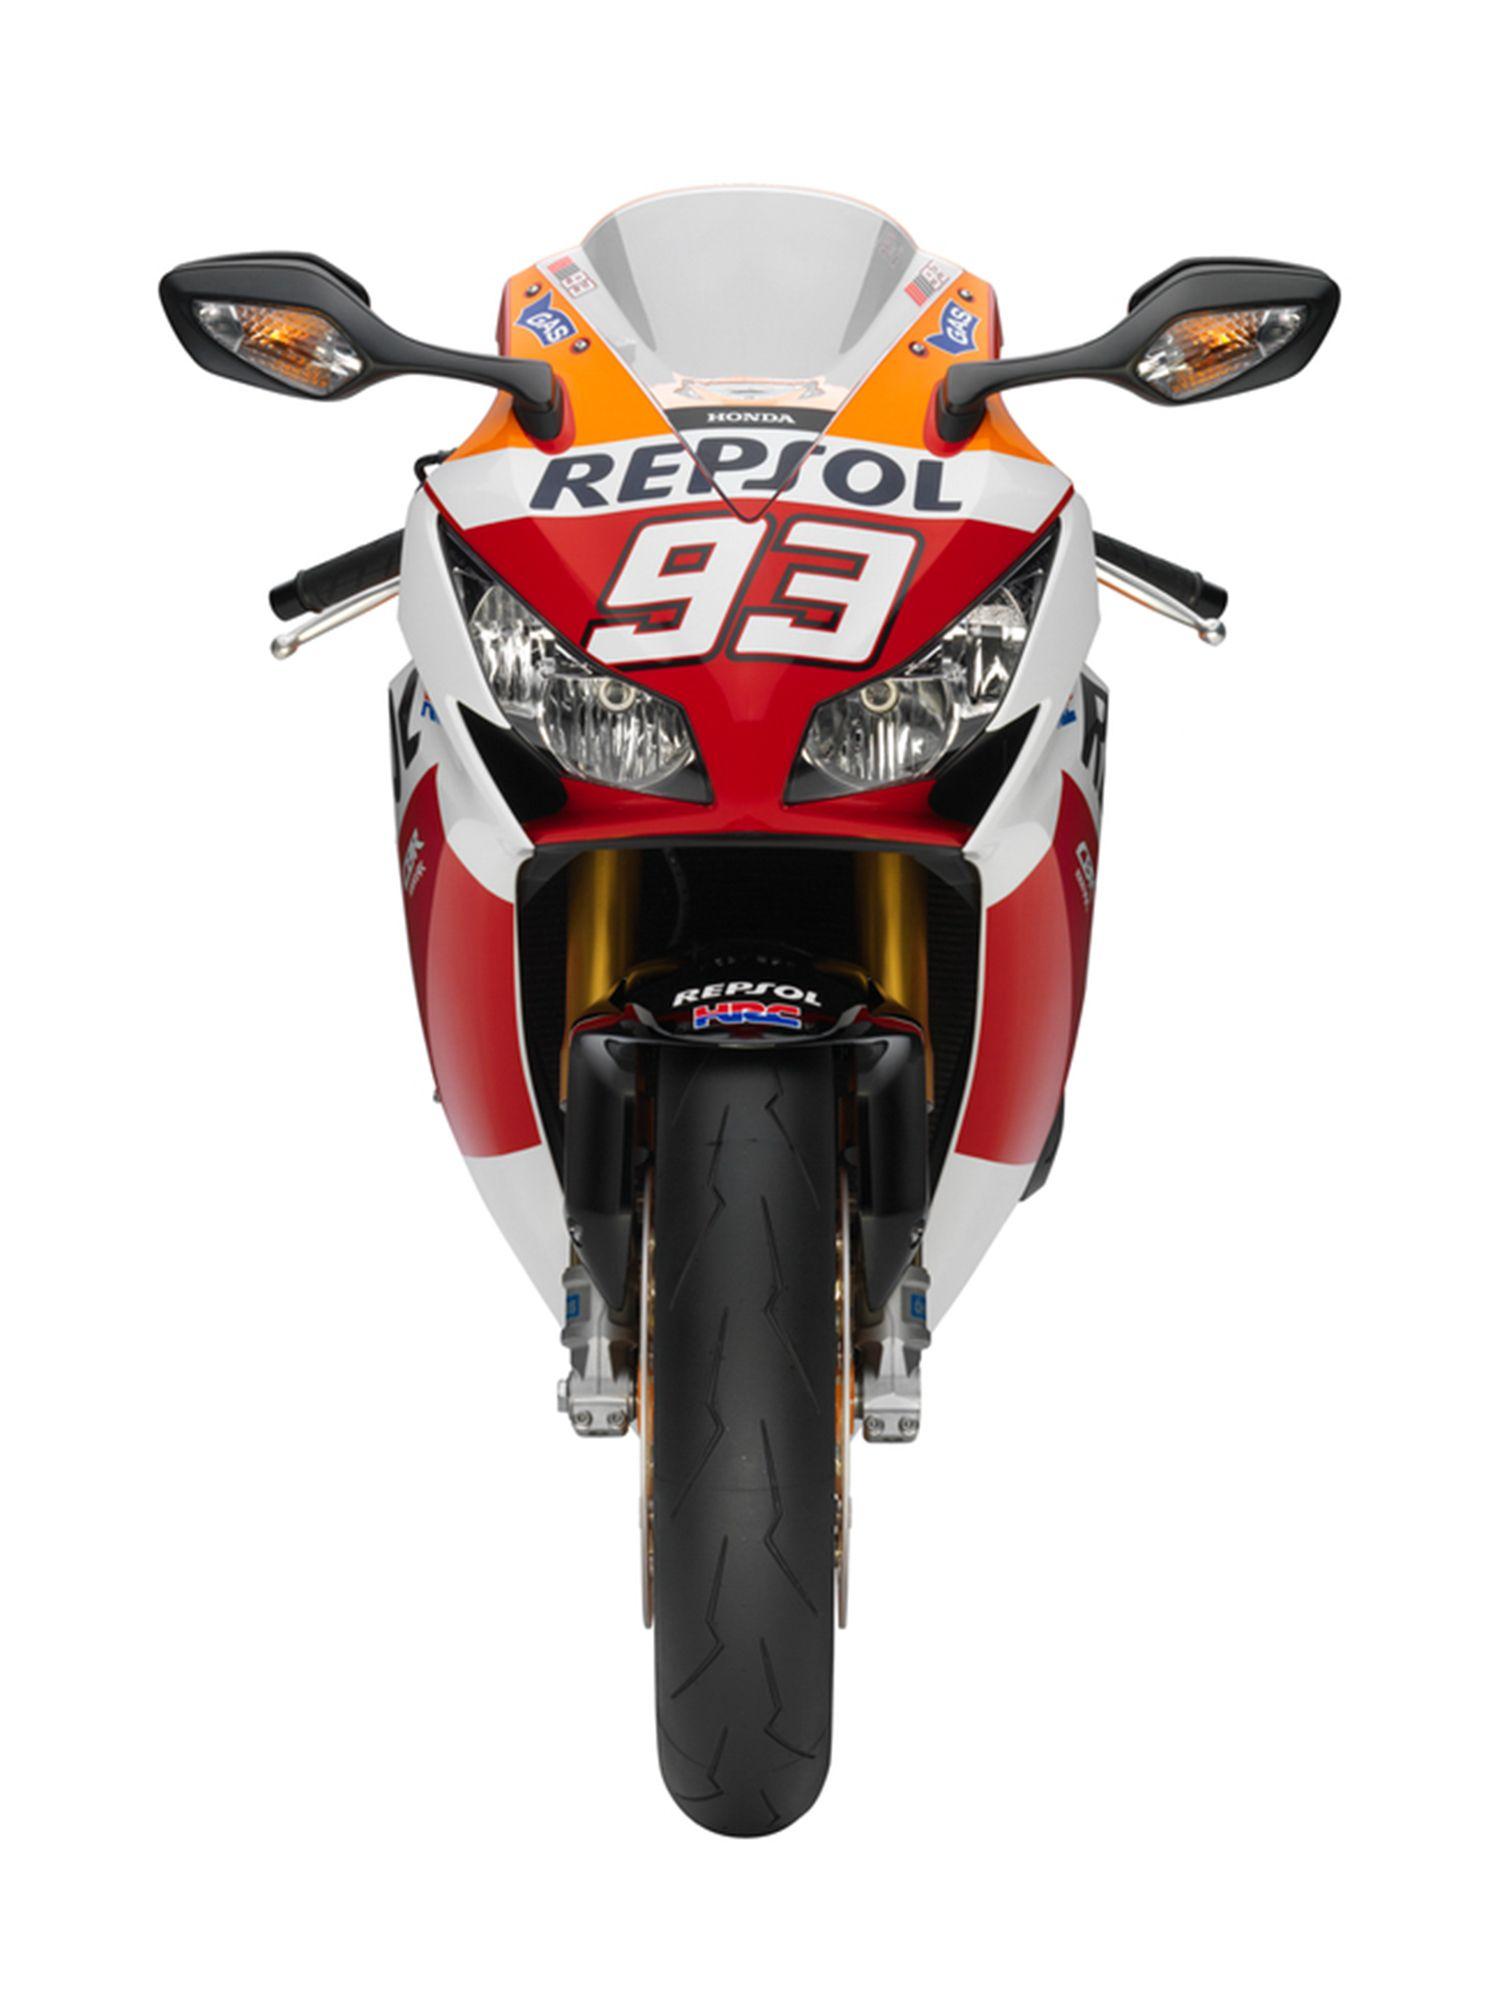 2015 Honda Cbr 1000 Rr Sp Repsol Edition Sport Bikes Honda Cbr Honda